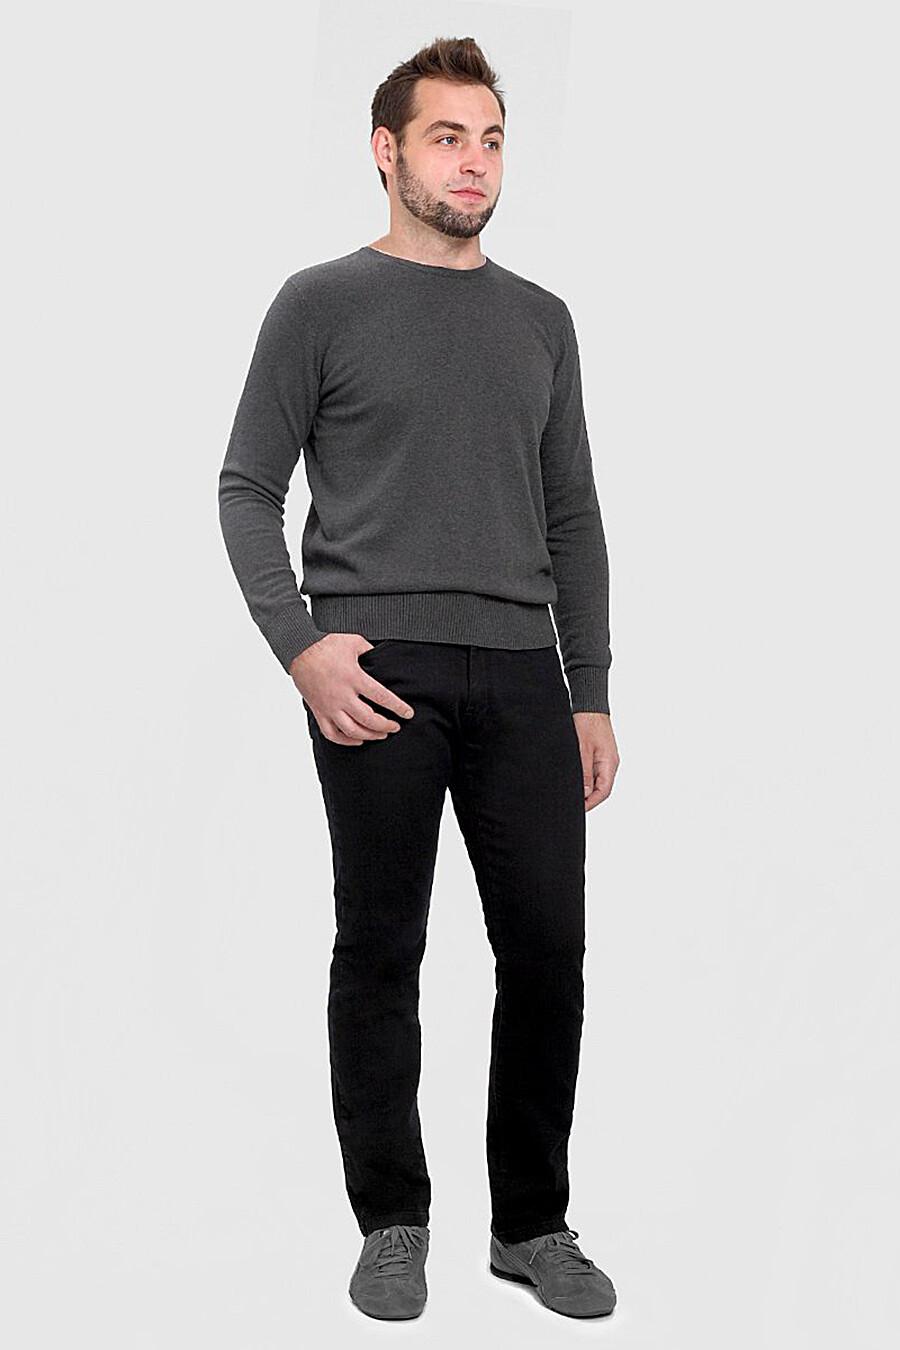 Джинсы для мужчин F5 148144 купить оптом от производителя. Совместная покупка мужской одежды в OptMoyo